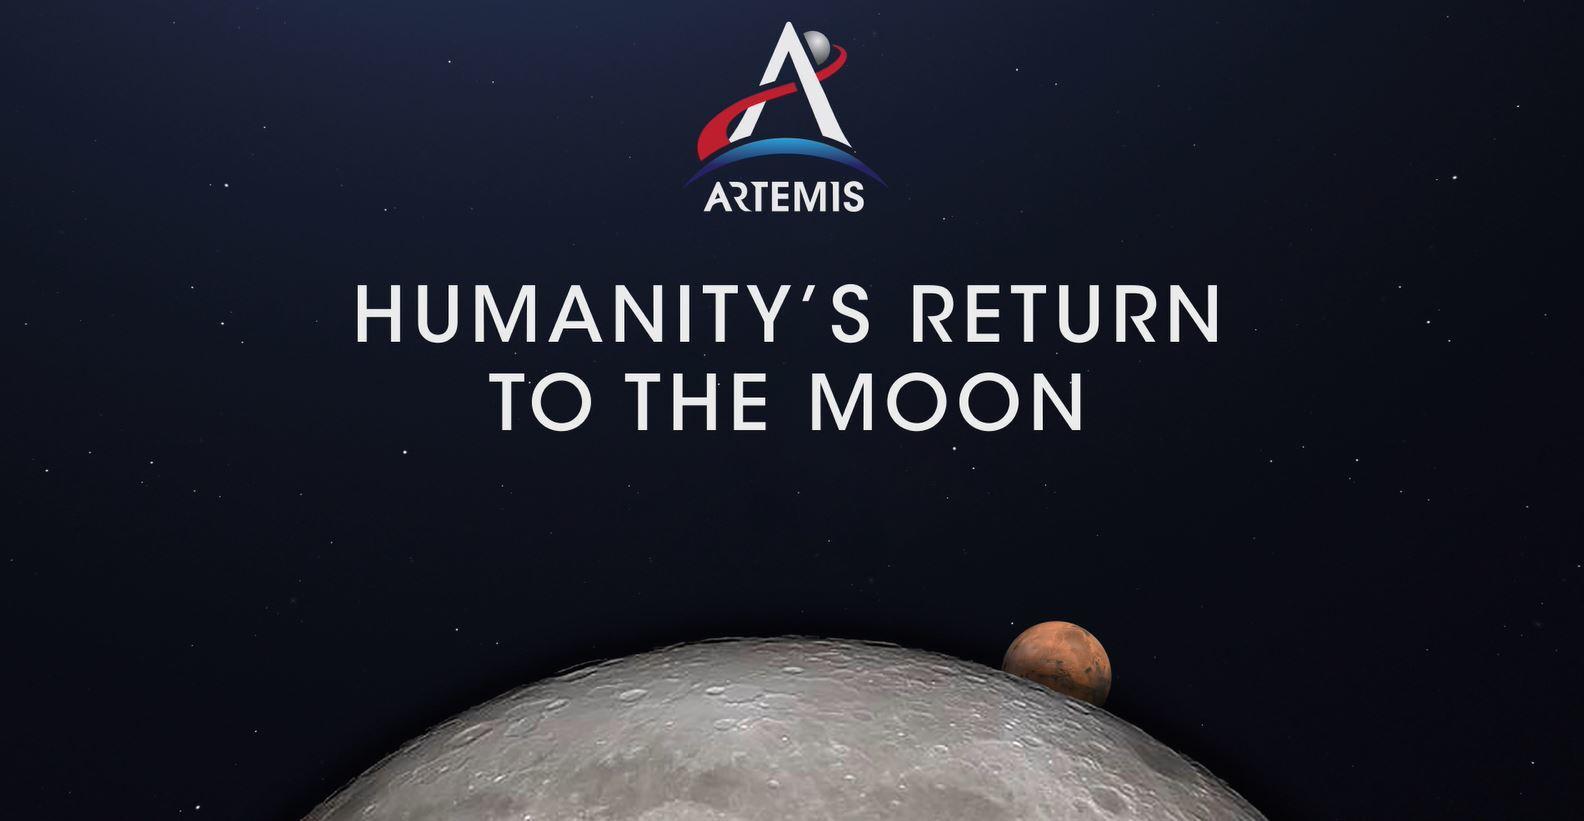 アルテミス計画の公式ページ(出典:NASA)